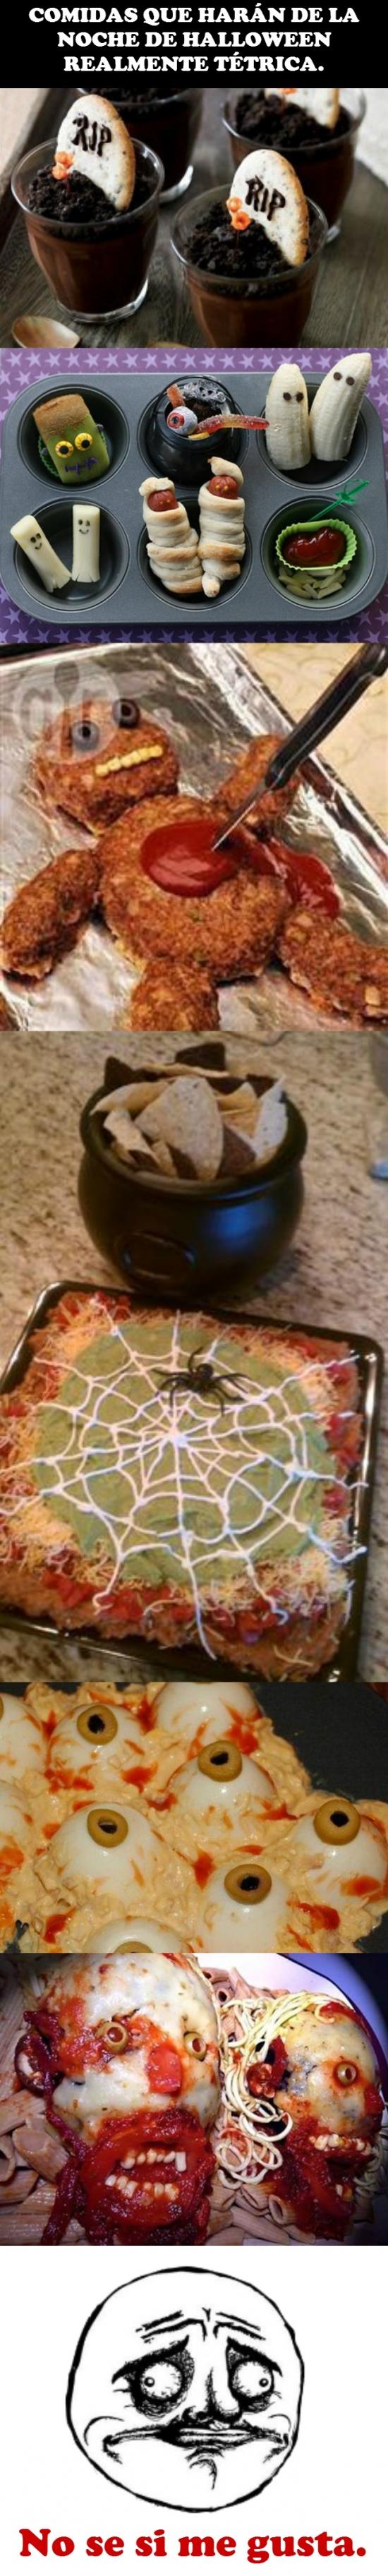 Me_gusta - La mejor comida para un Halloween escalofriante